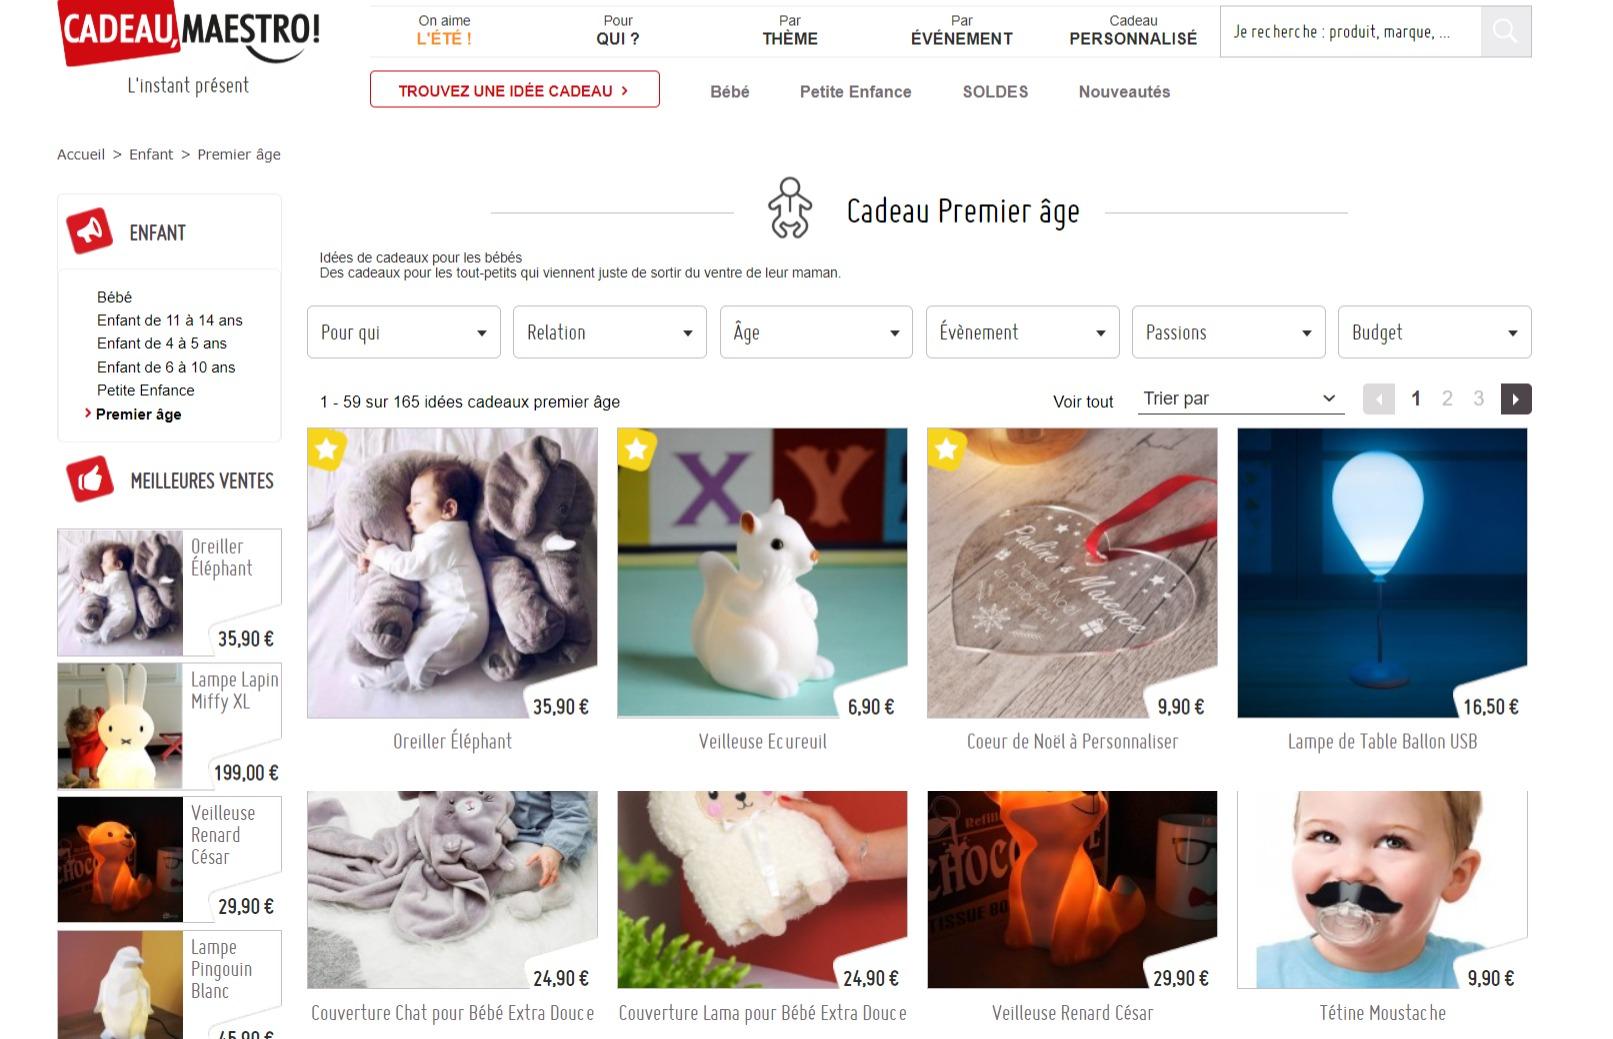 Offrez un cadeau premier âge original - www.cadeau-maestro.com